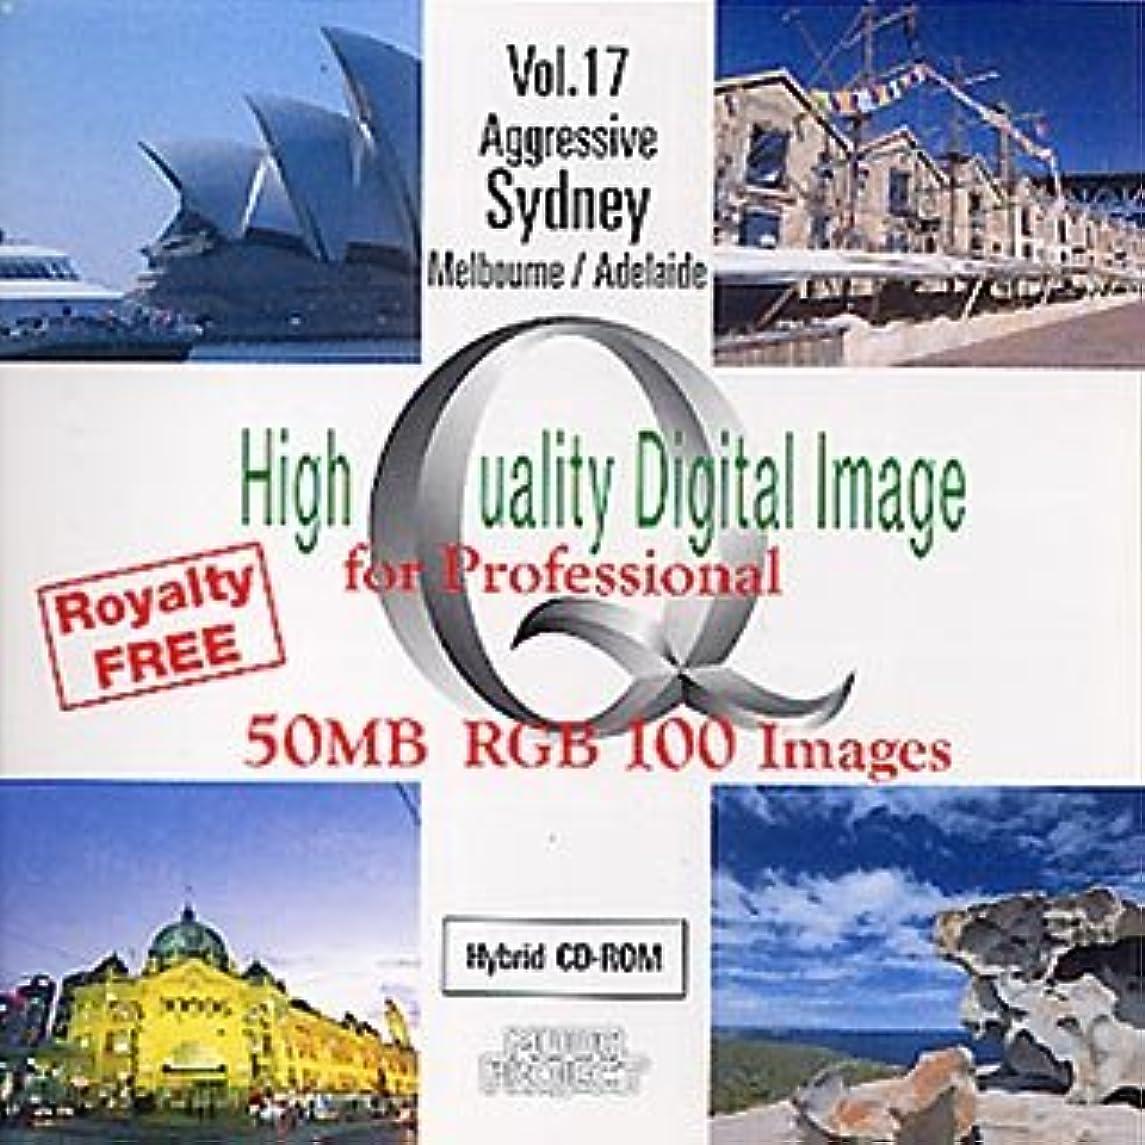 前投薬偶然のドロップHigh Quality Digital Image for Professional Vol.17 Aggressive Sydney Melbourne / Adelaide